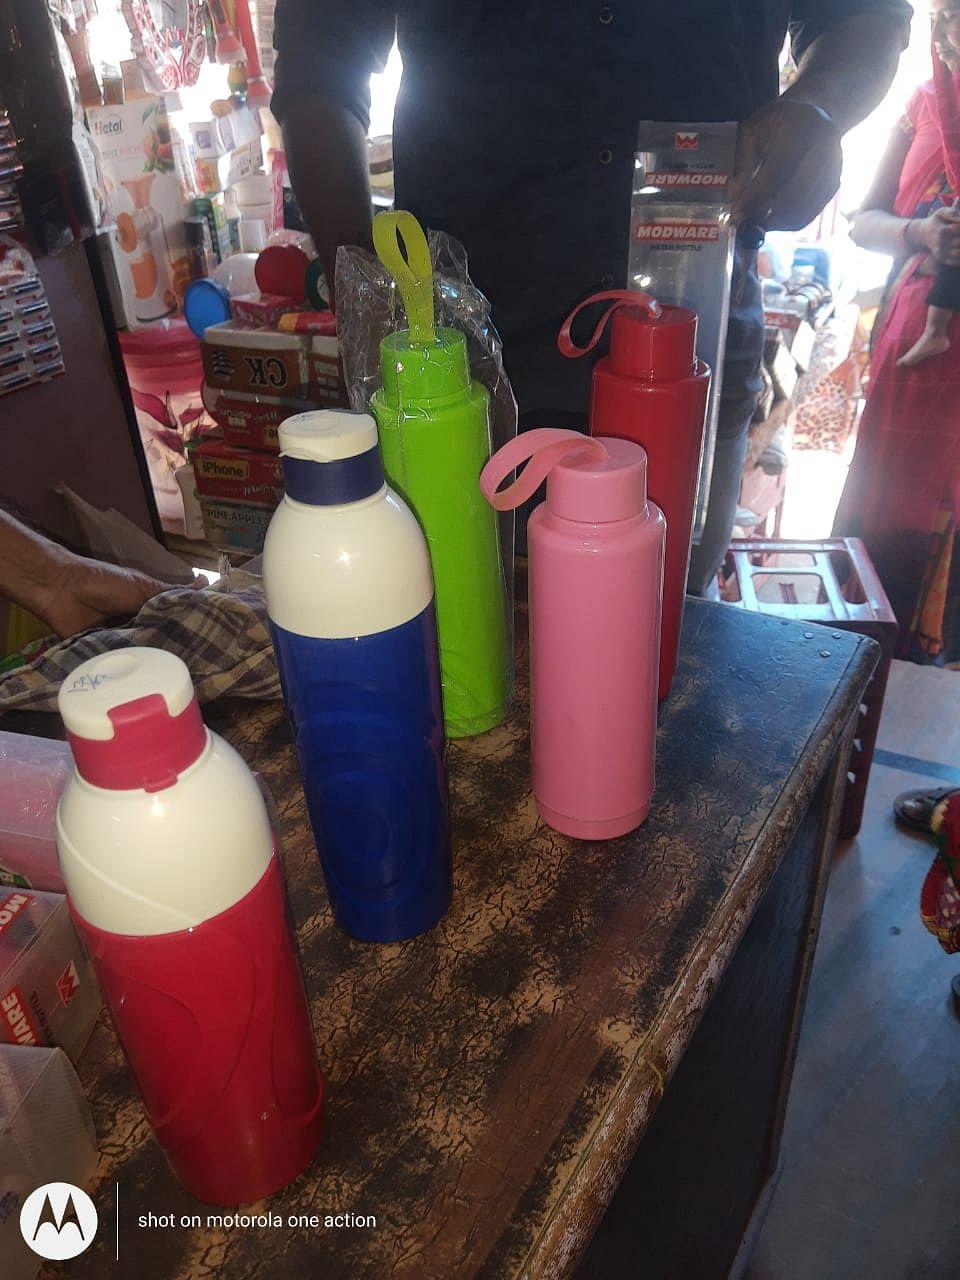 प्रयास एक पहल संस्था बुजुर्ग और छोटे दुकानदारों को गर्मी से राहत देने बांट रही ठंडे पानी की बाटलें